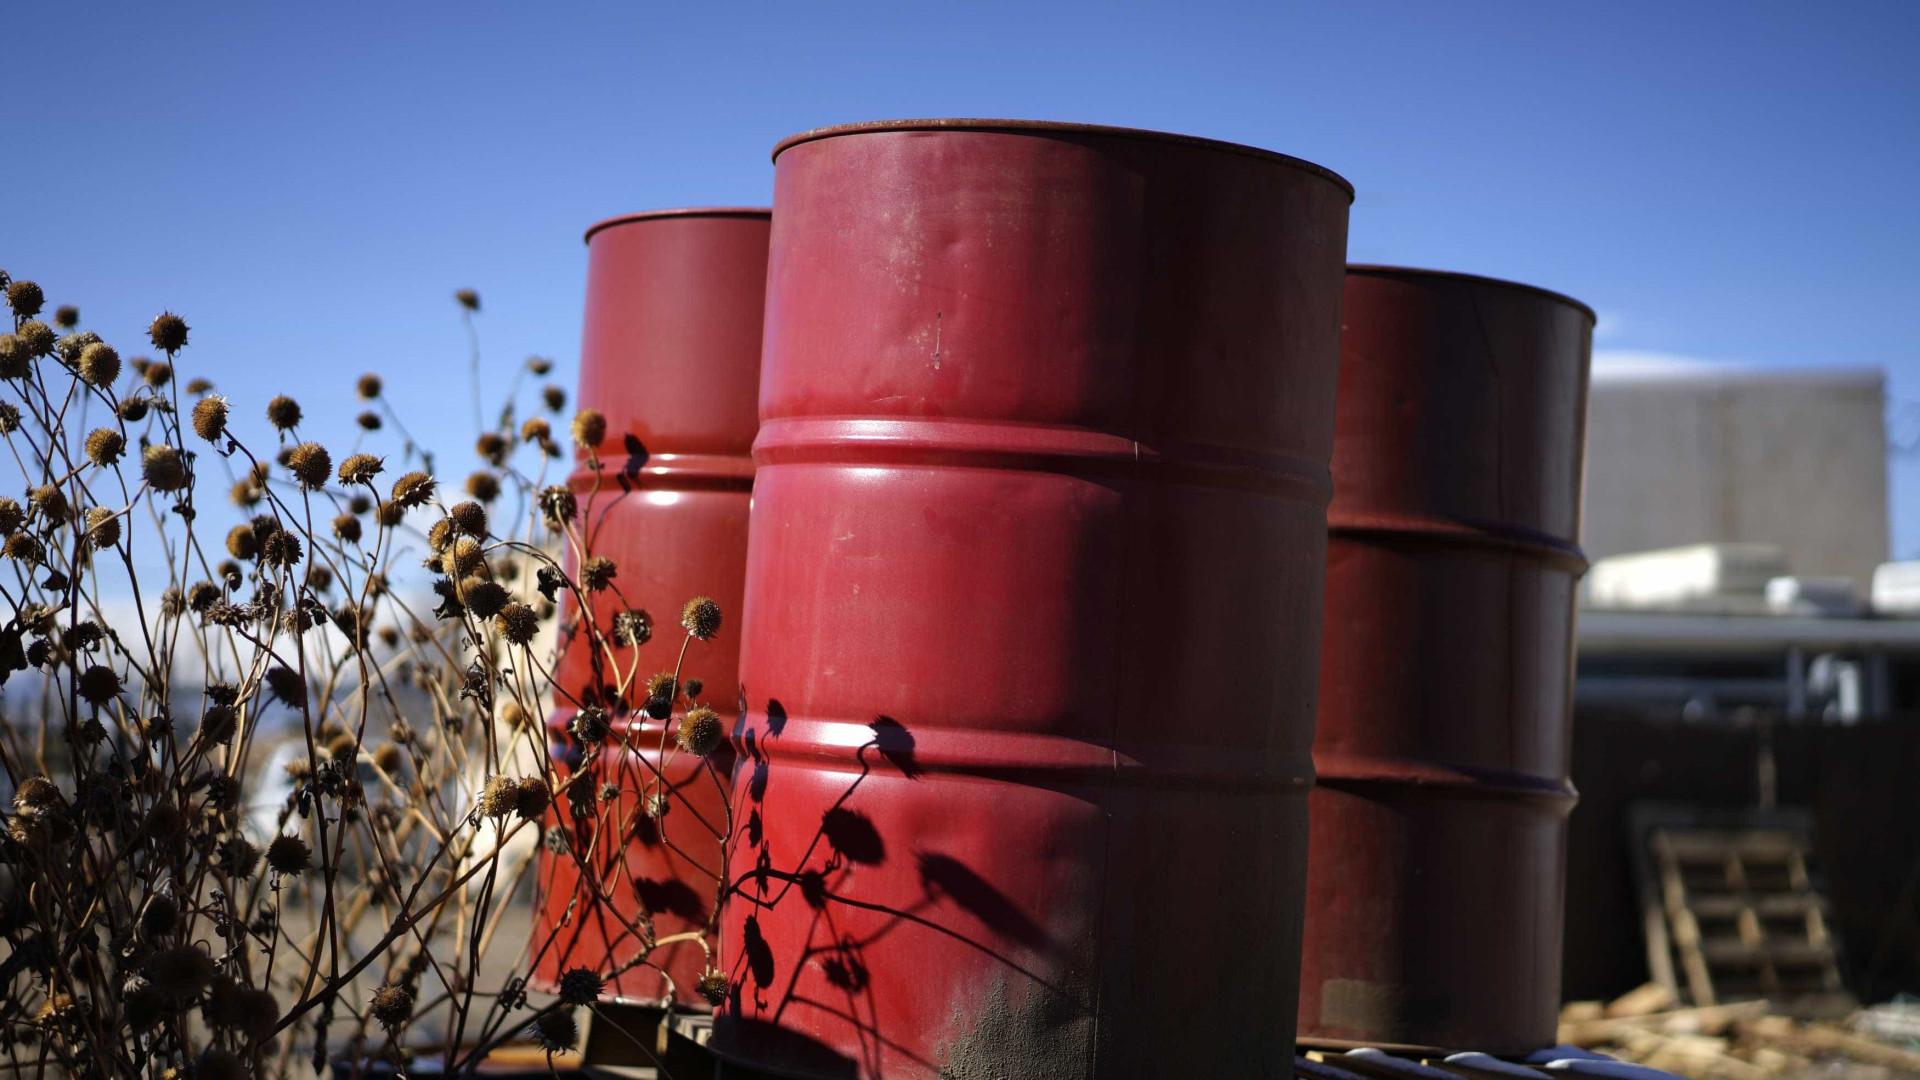 Petróleo cai pelo terceiro dia consecutivo